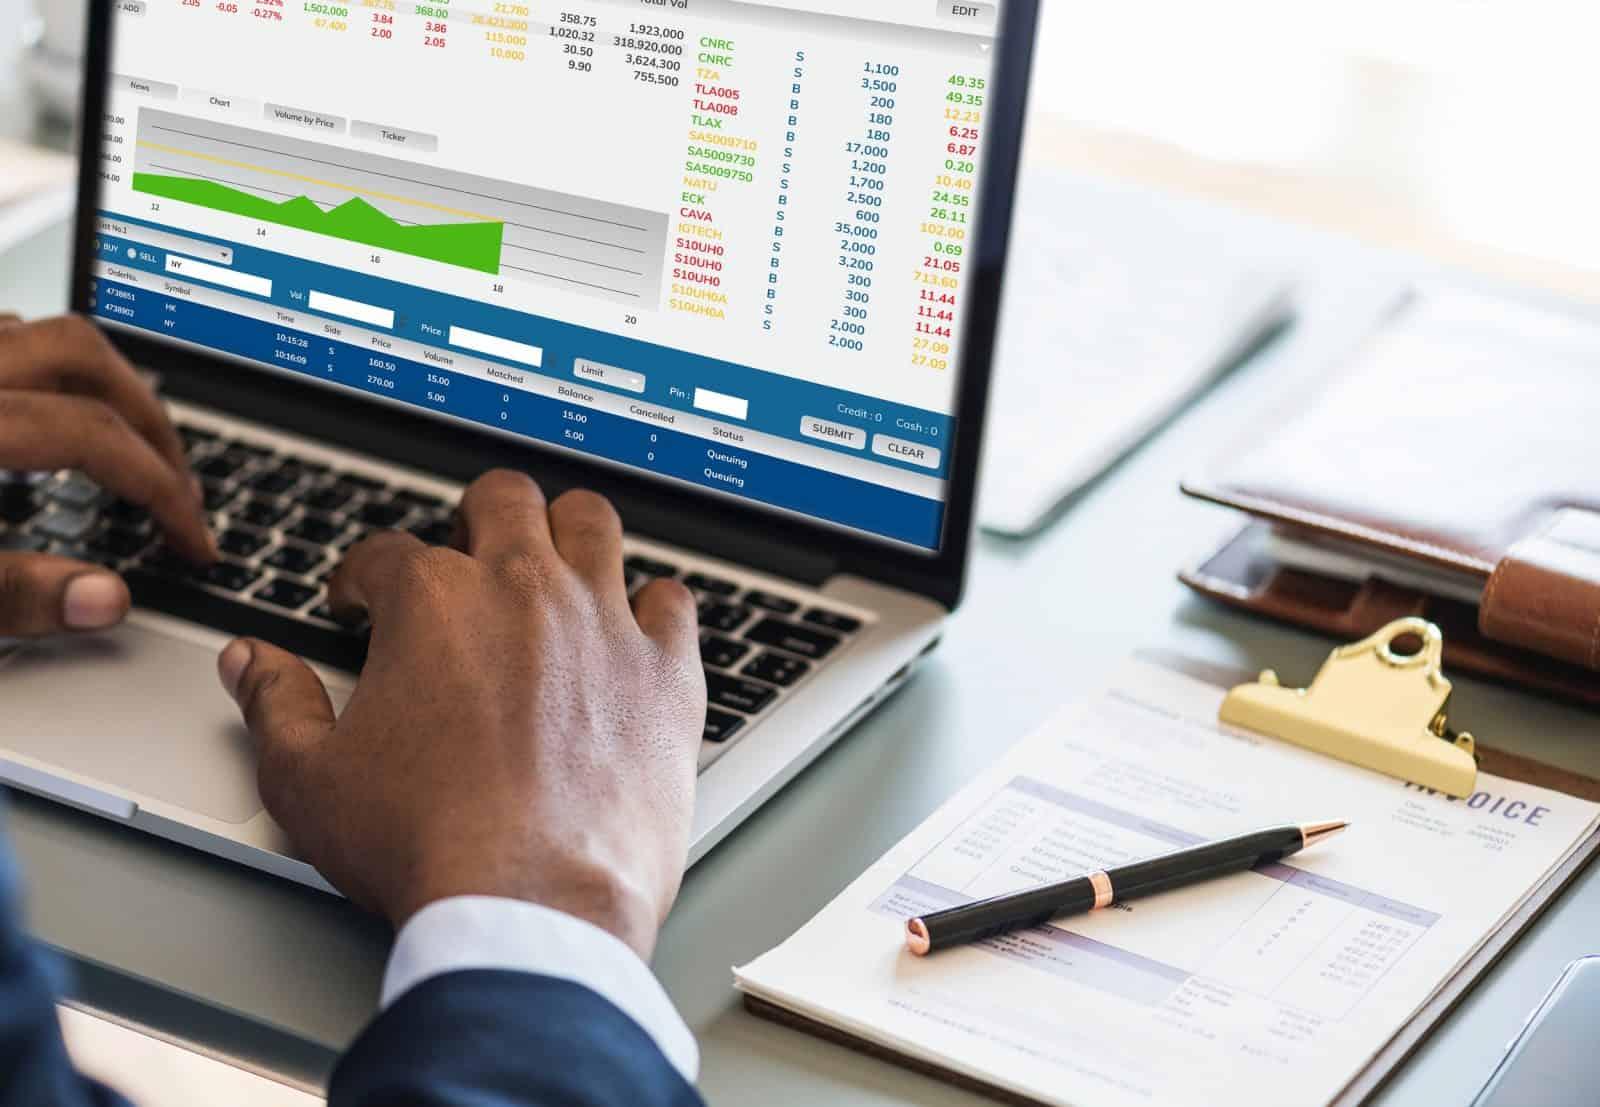 Panduan Lengkap Laporan Keuangan Bisnis Baru